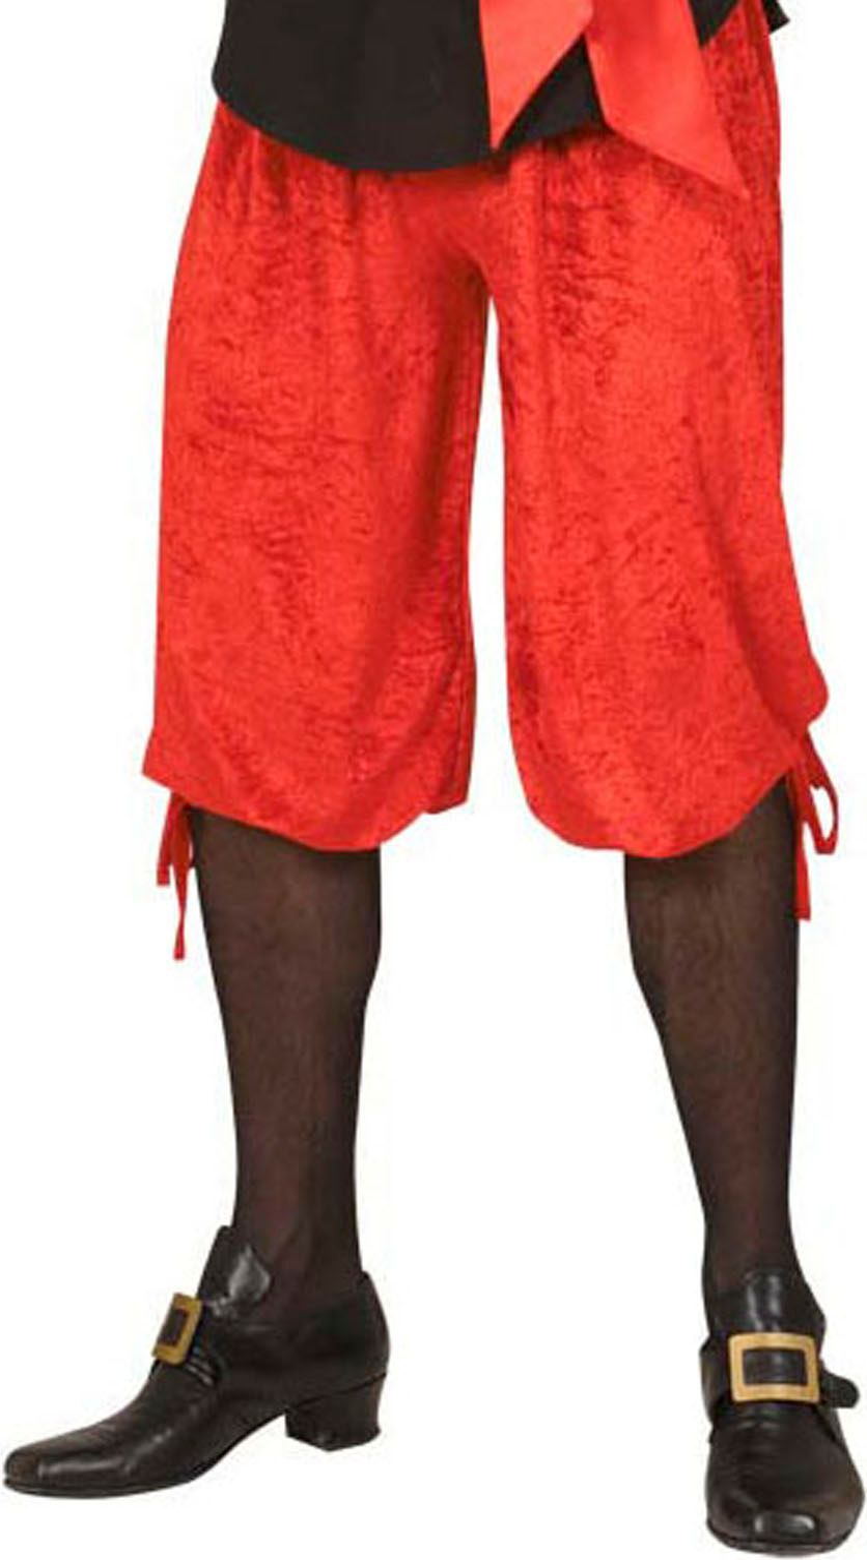 Rode kniebroek